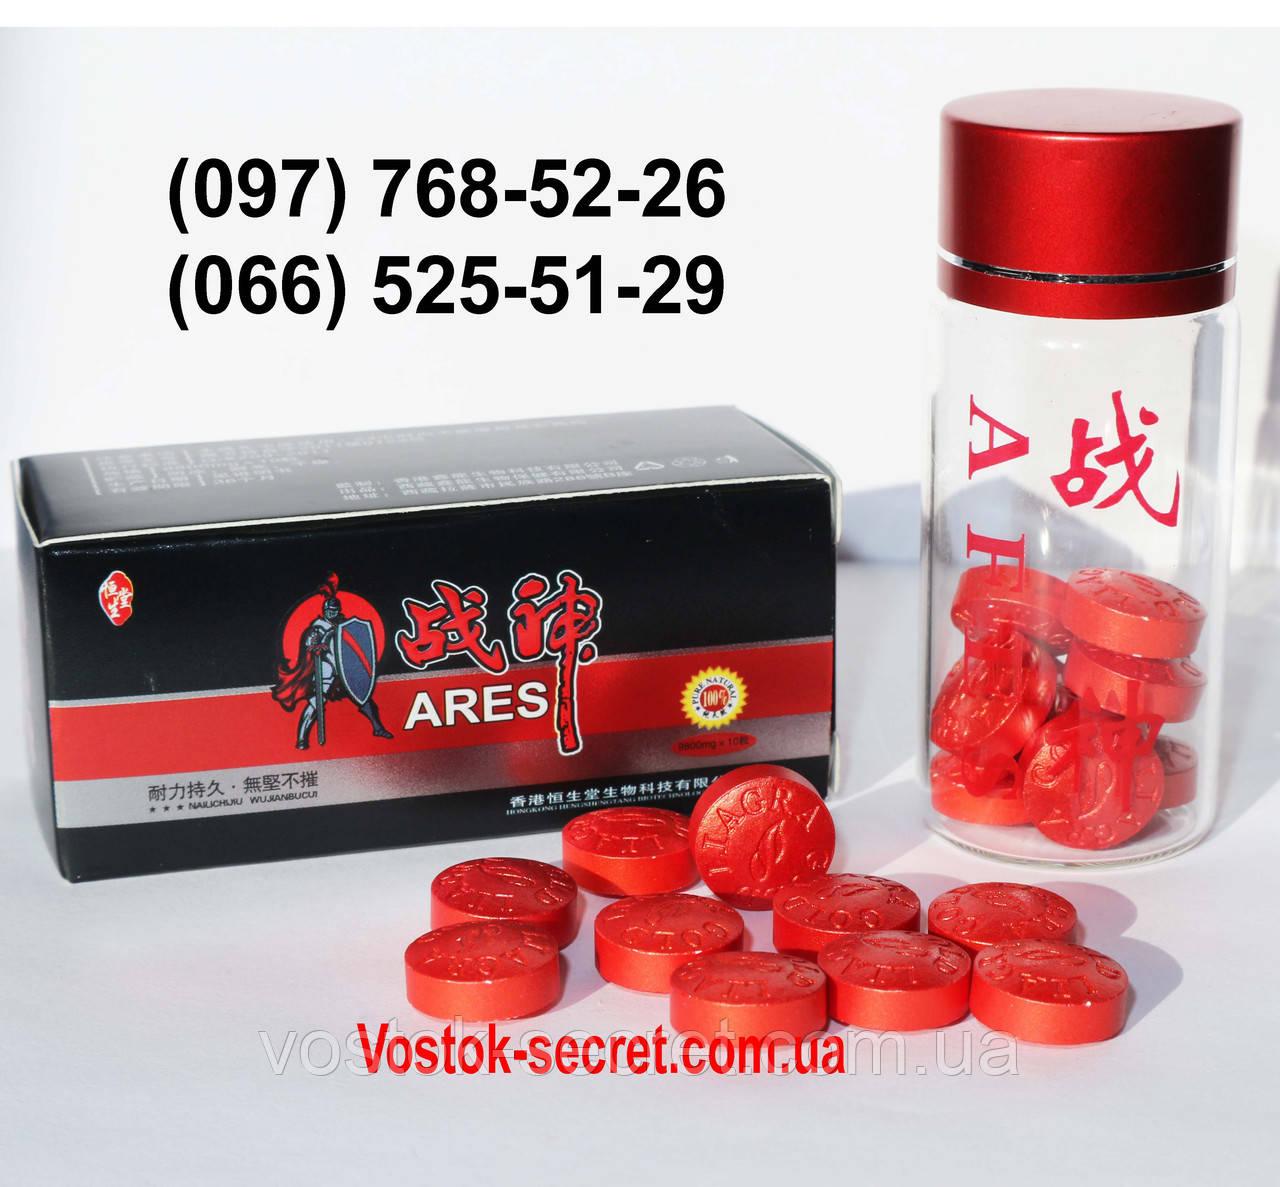 Препараты для сильного сексуального возбуждения